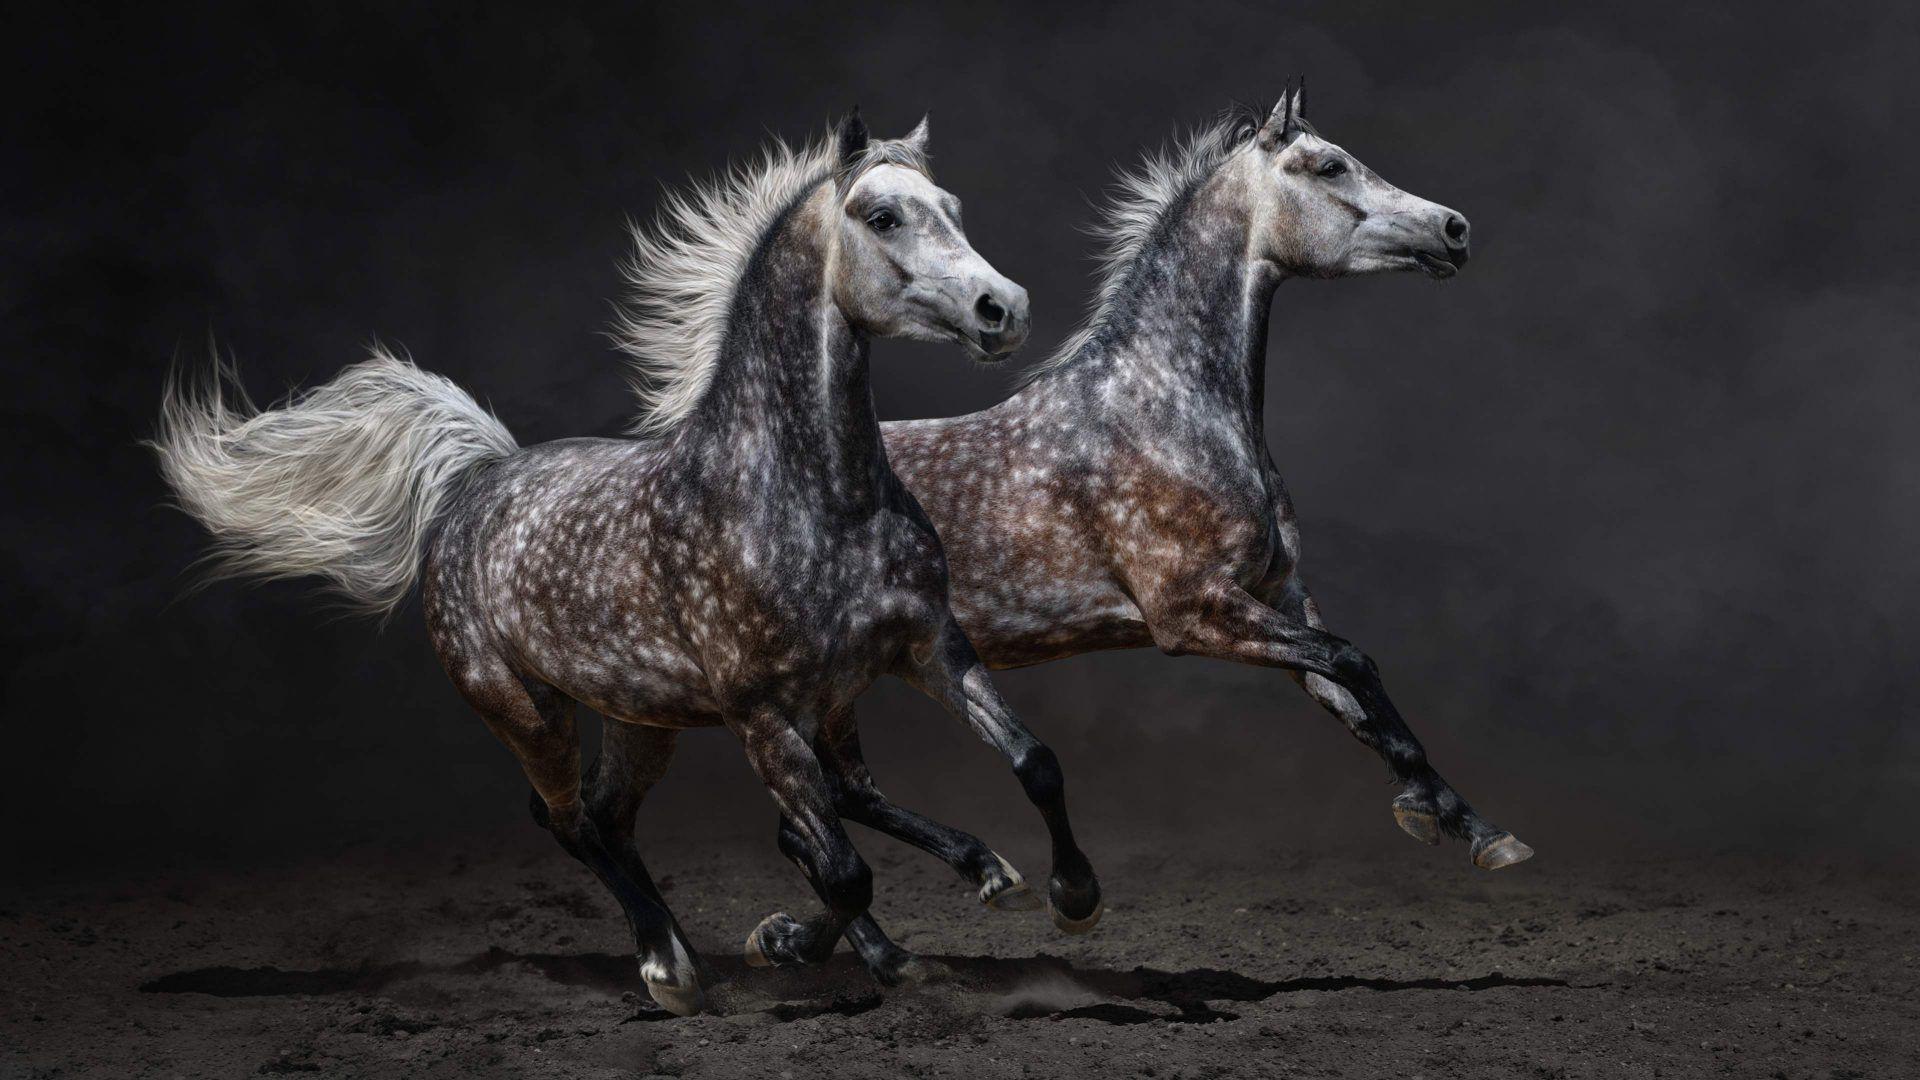 Gray Horse Galloping [19201080]